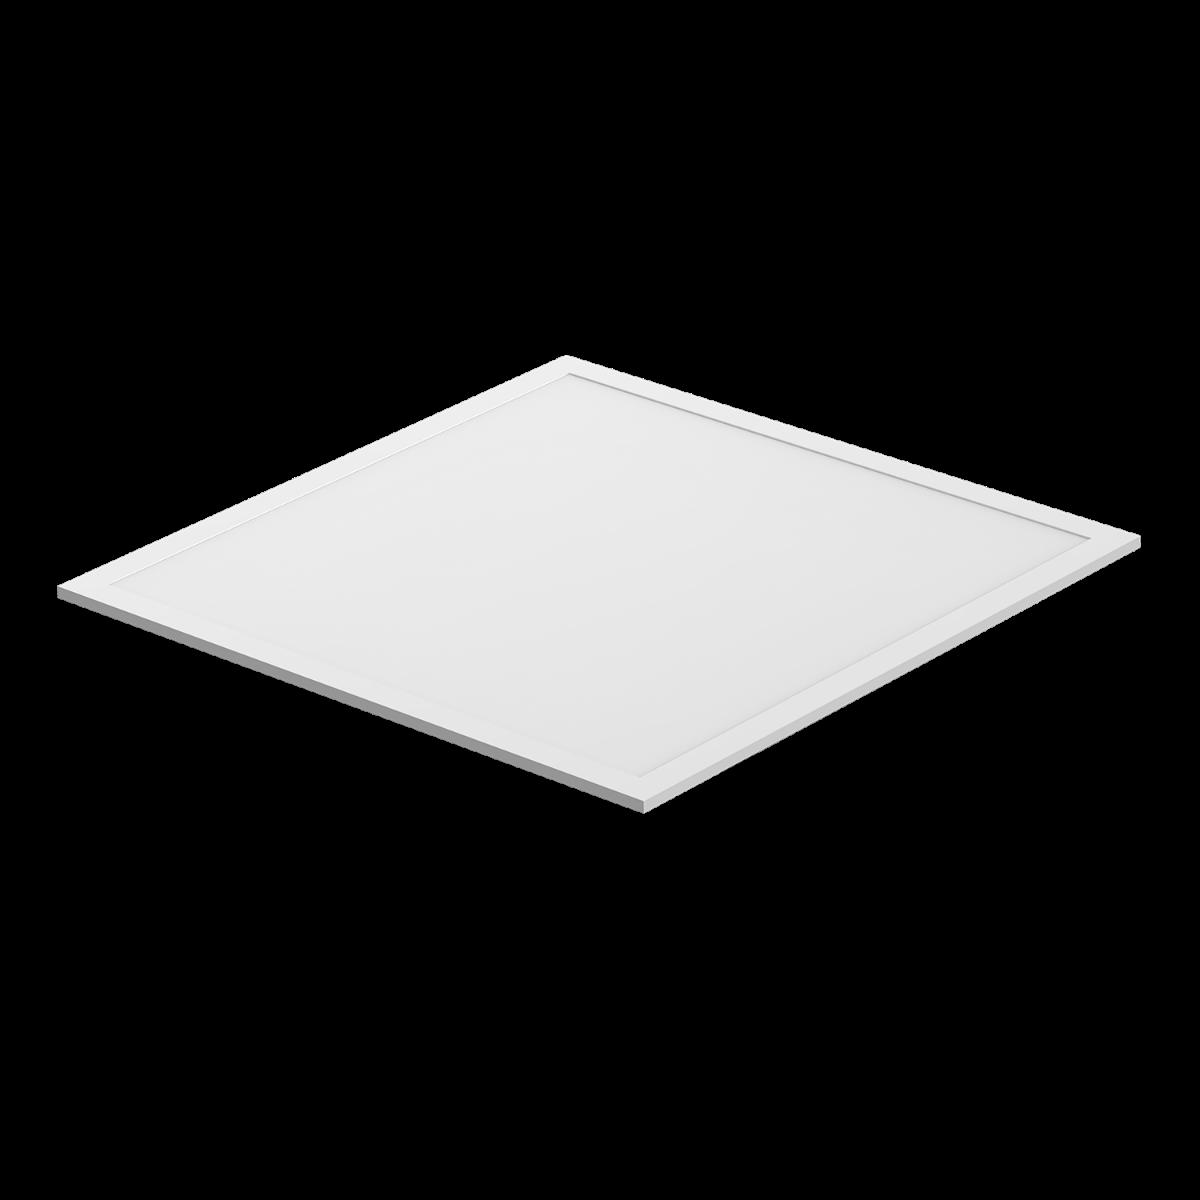 Noxion Panel LED Econox 32W 60x60cm 3000K 3900lm UGR <22 | Luz Cálida - Reemplazo 4x18W